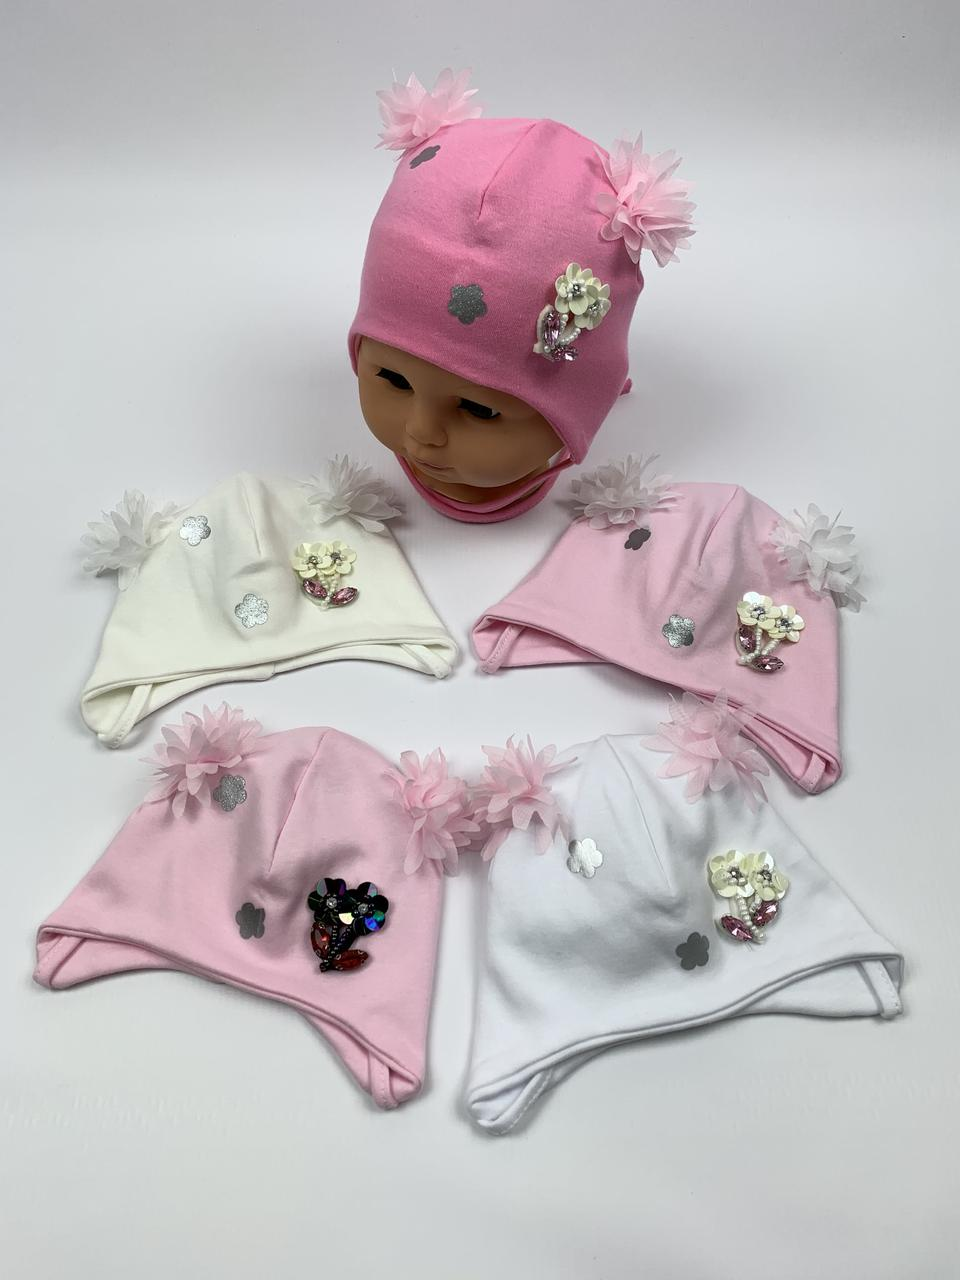 Детские польские демисезонные трикотажные шапки на завязках для девочек оптом, р.36-38 40-42, Ala Baby ab165